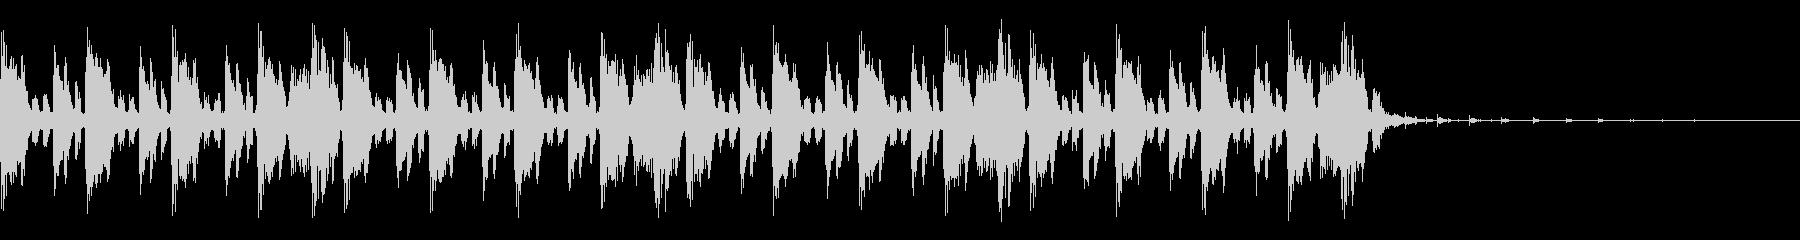 ドラムンベース風のジングルの未再生の波形